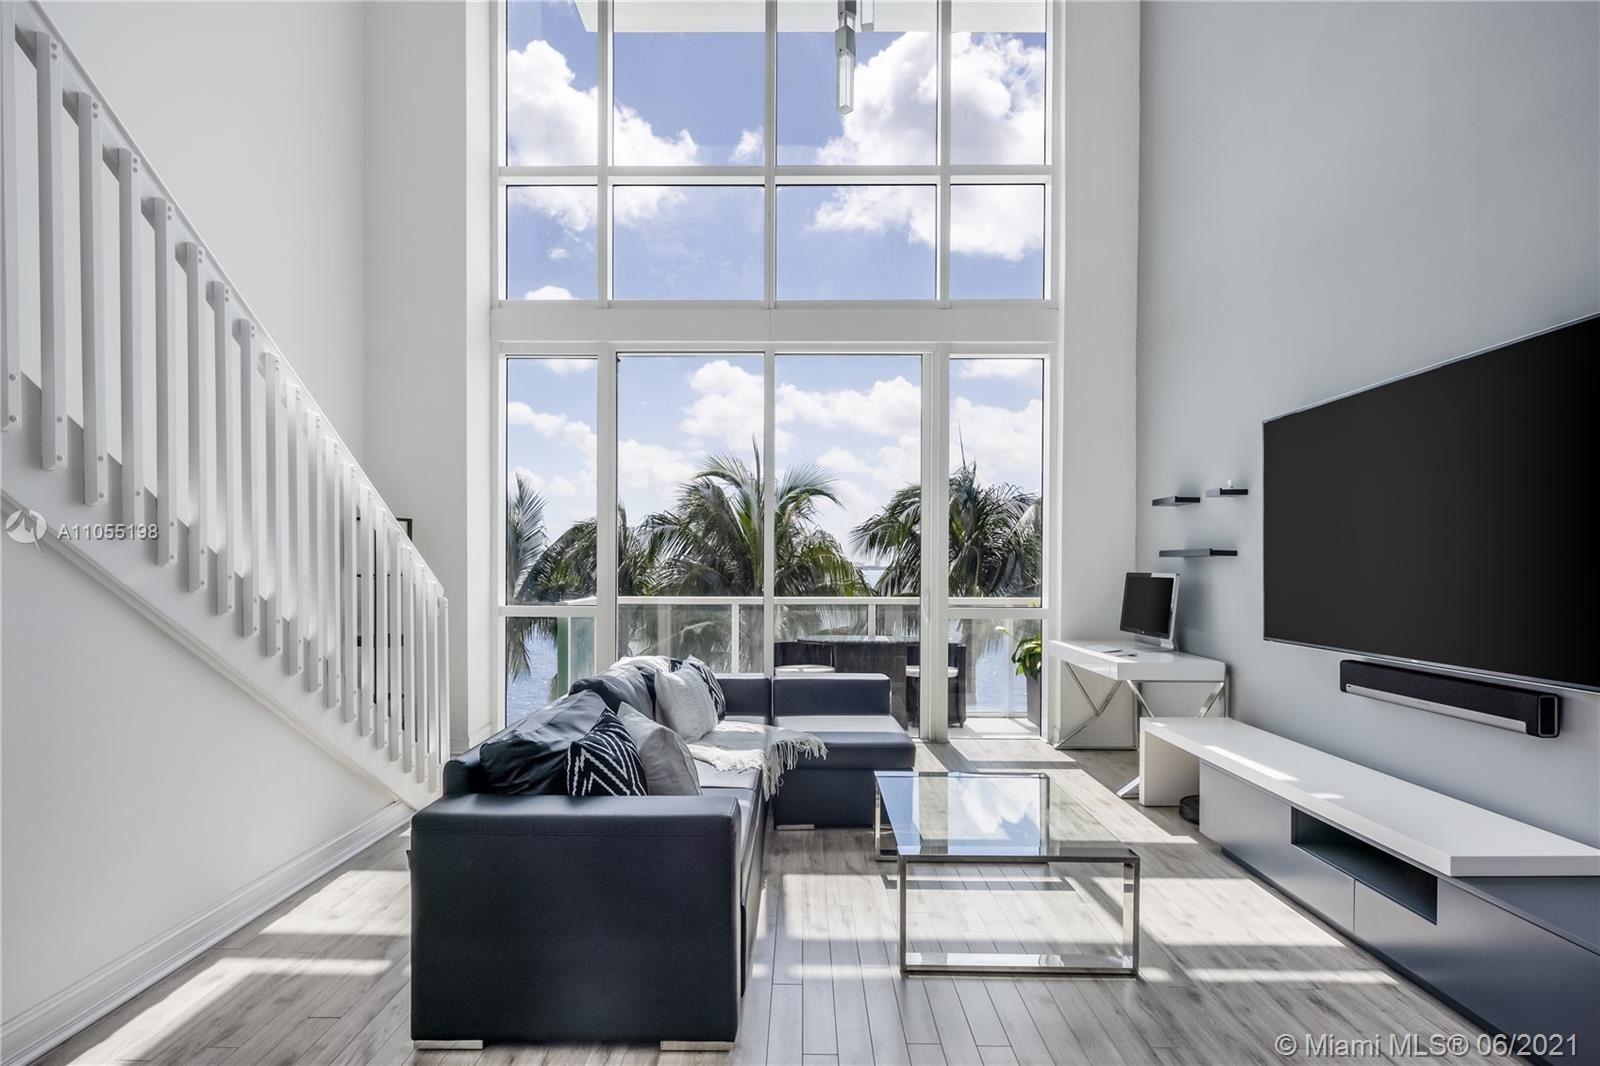 665 NE 25th St #204, Miami, FL 33137 - #: A11055198